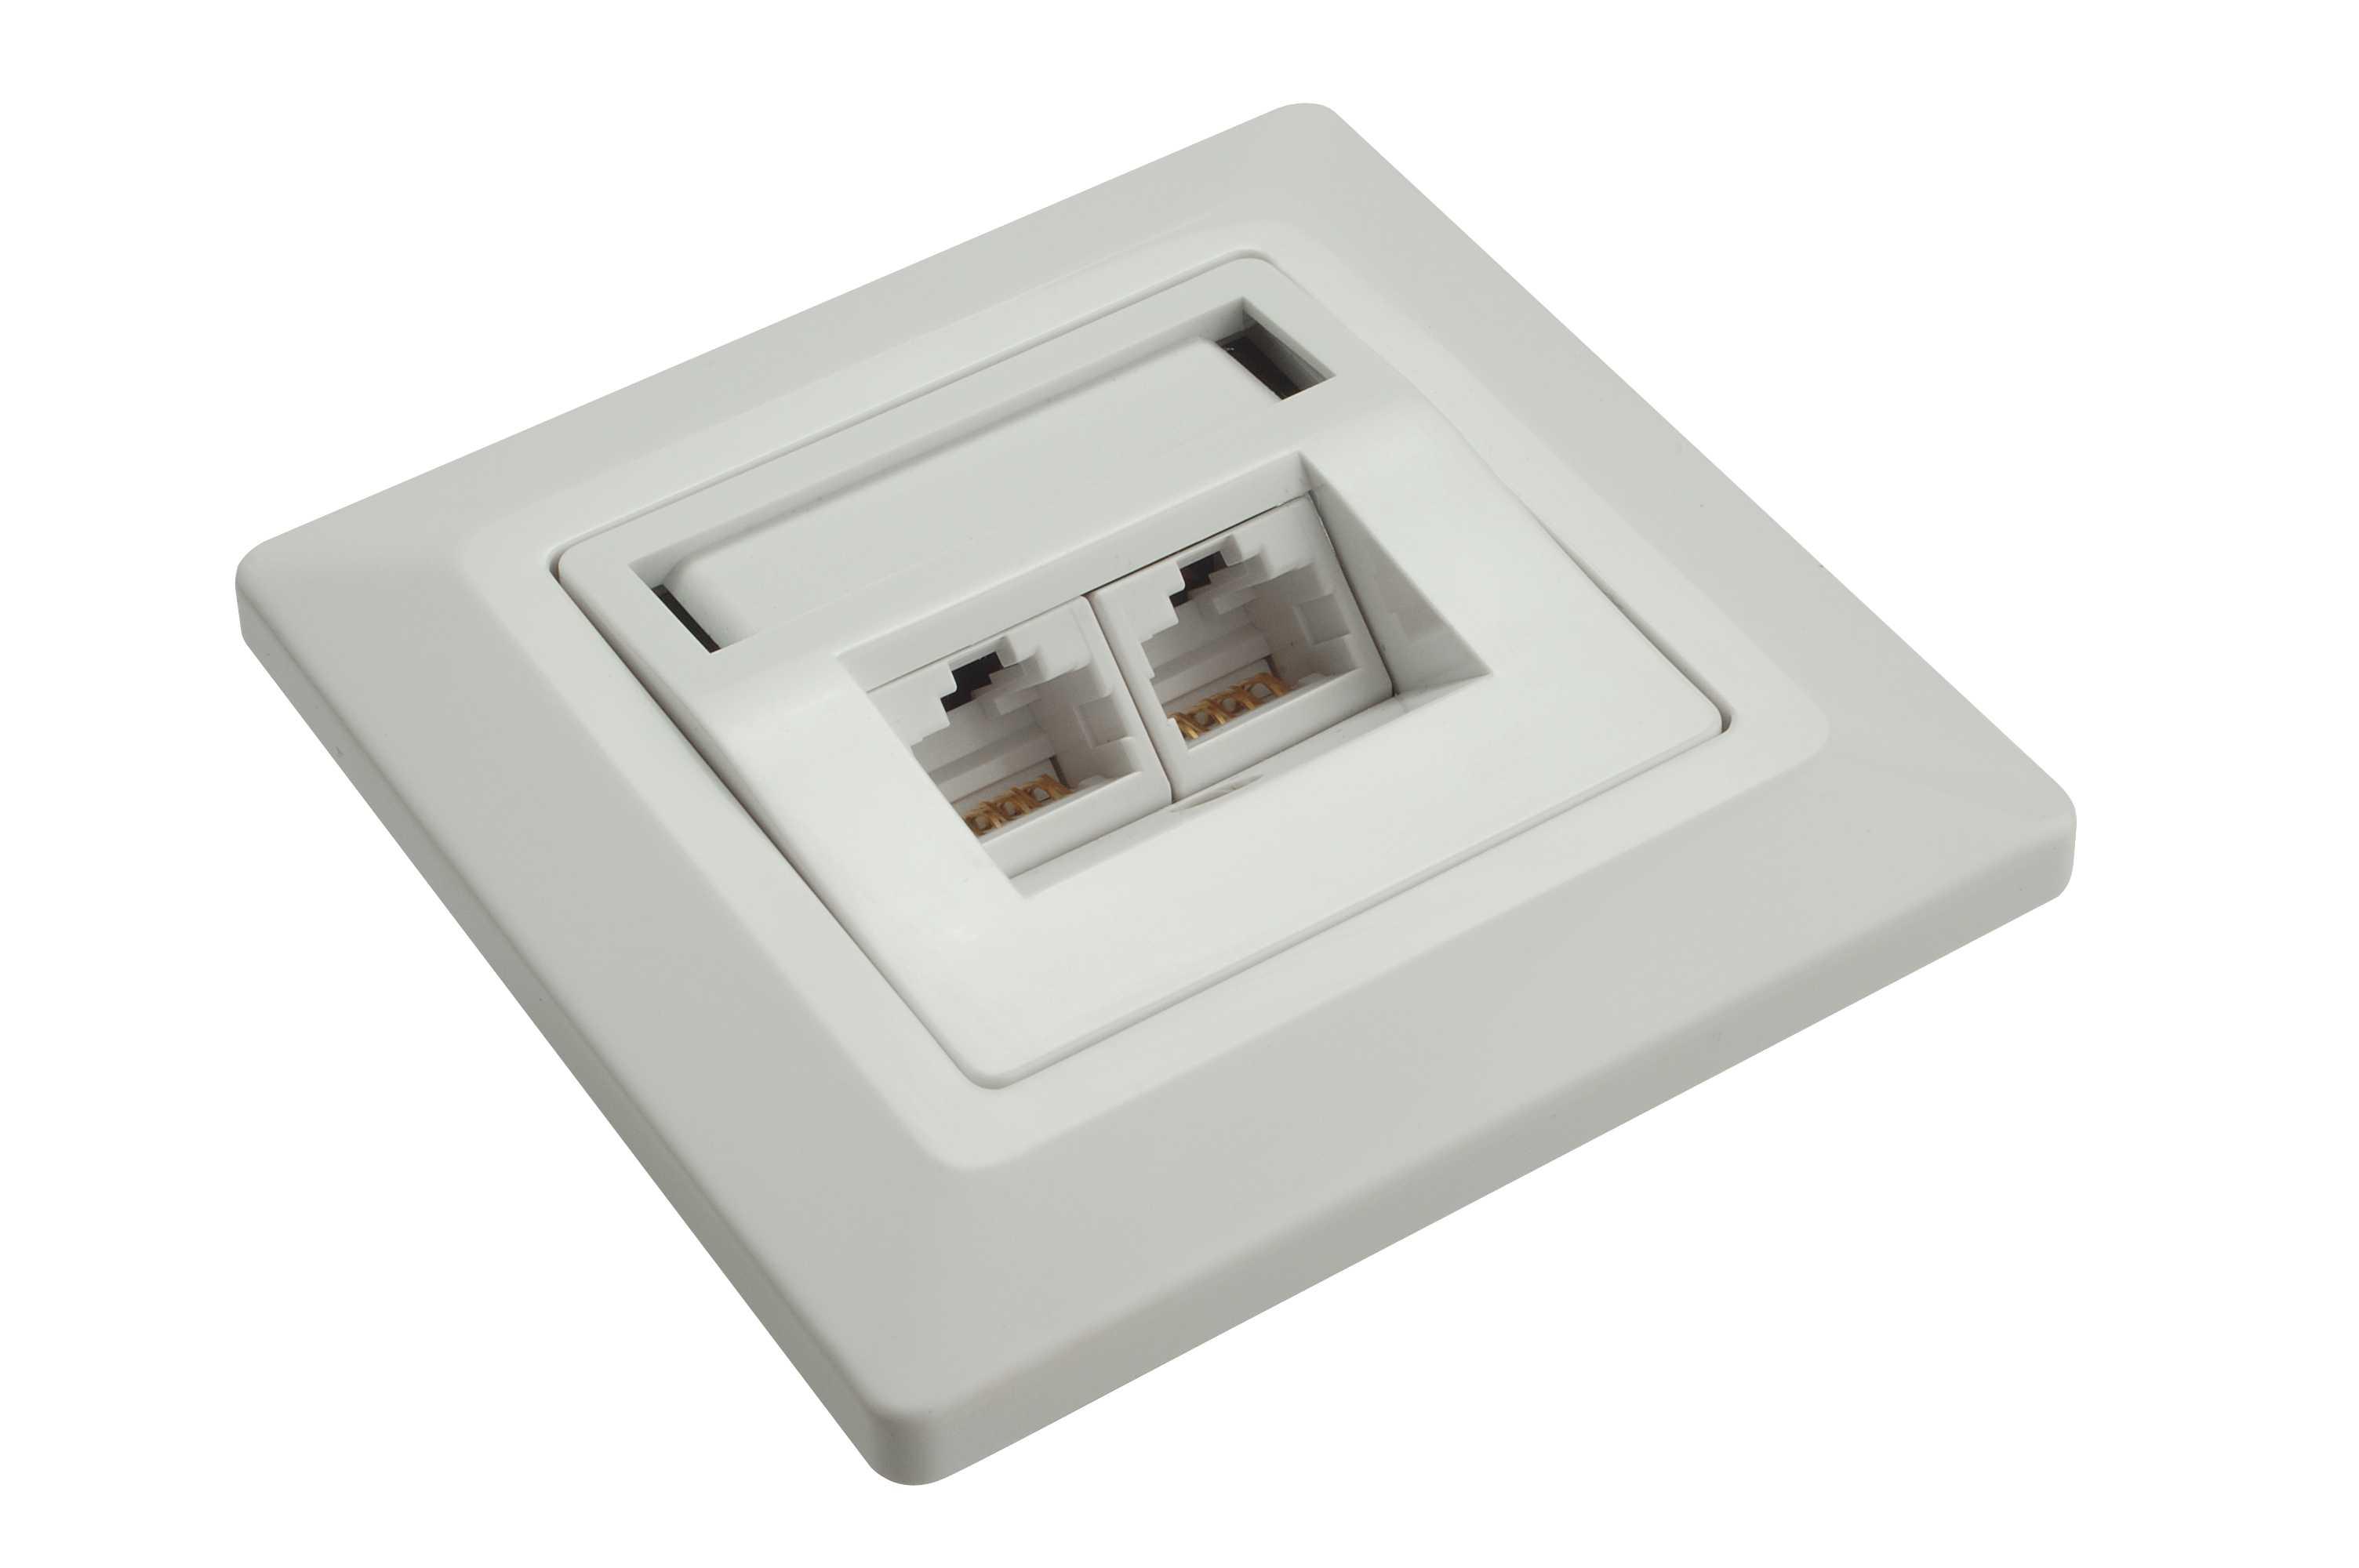 Zásuvka Solarix CAT5E UTP 2 x RJ45 pod omítku bílá - SX9-2-5E-UTP-WH